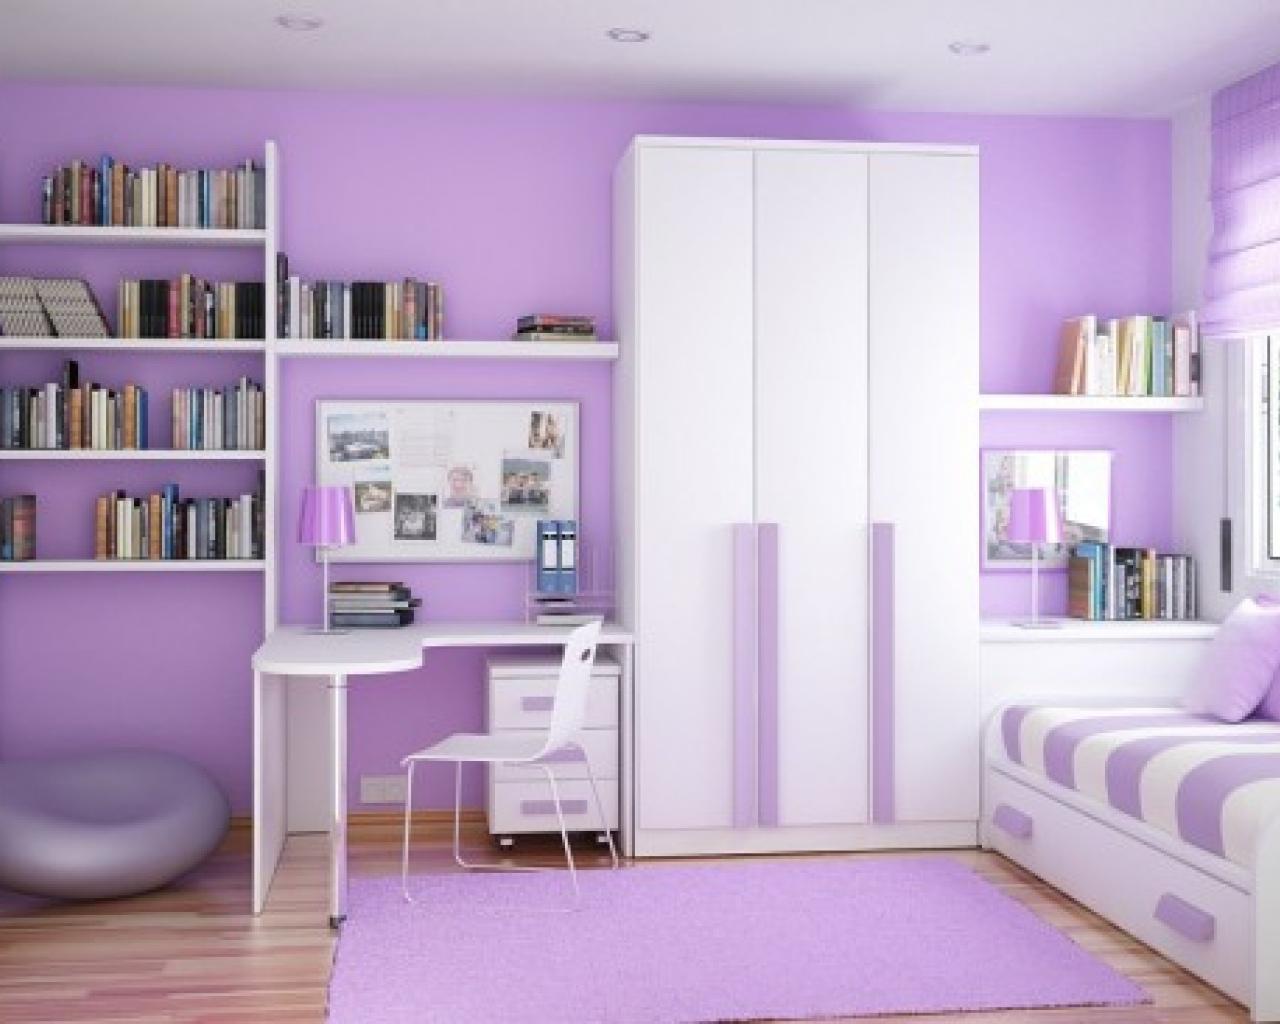 5 cara sederhana mendesain kamar tidur agar makin keren &